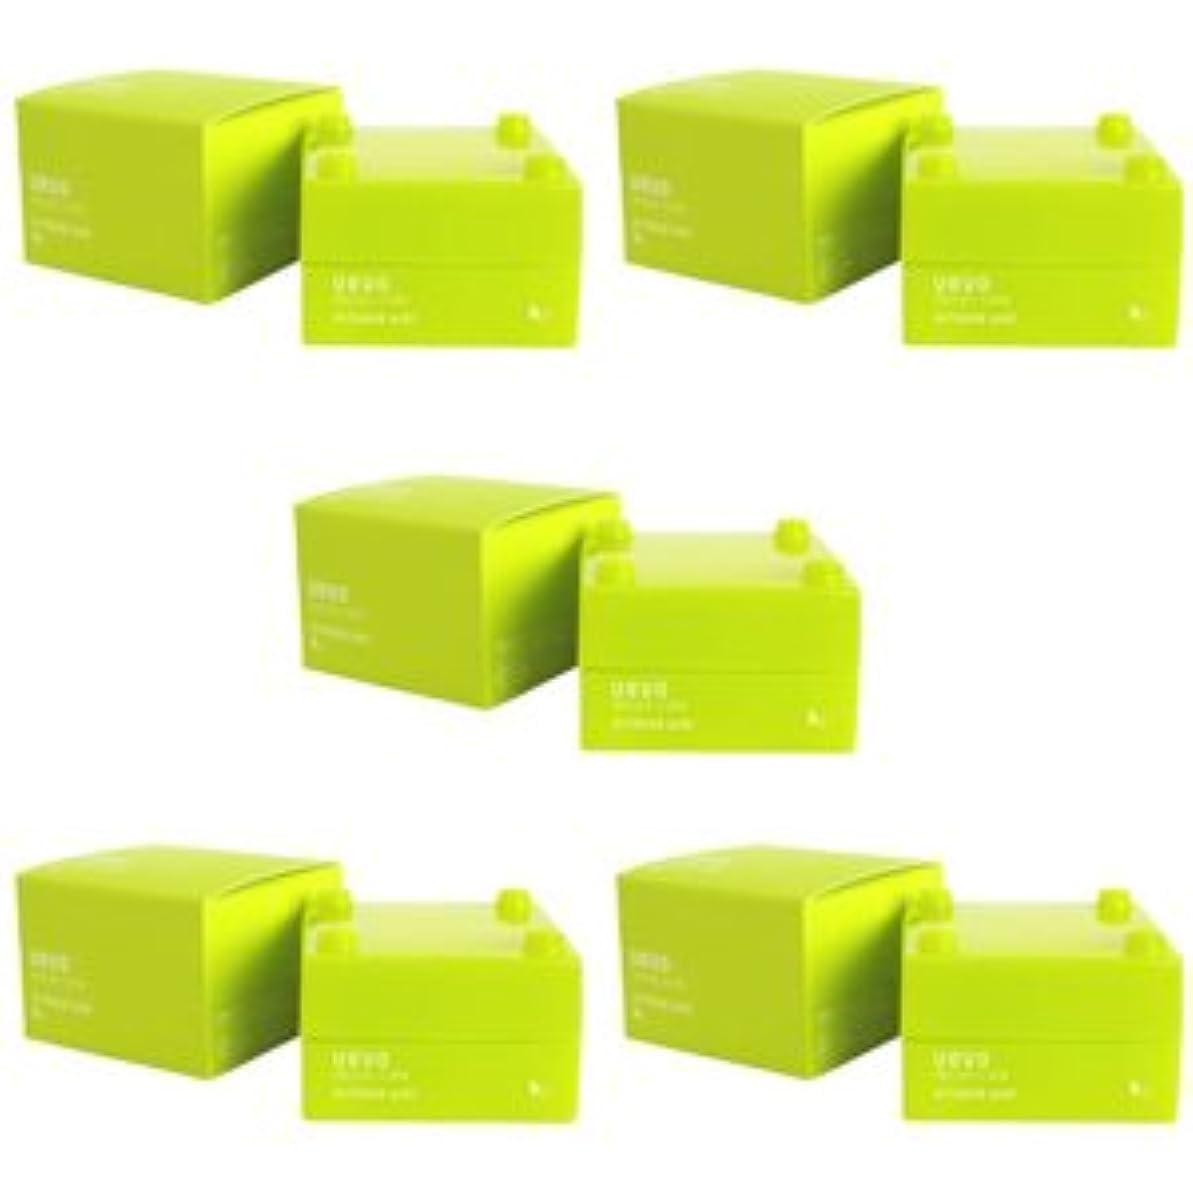 【X5個セット】 デミ ウェーボ デザインキューブ エアルーズワックス 30g airloose wax DEMI uevo design cube